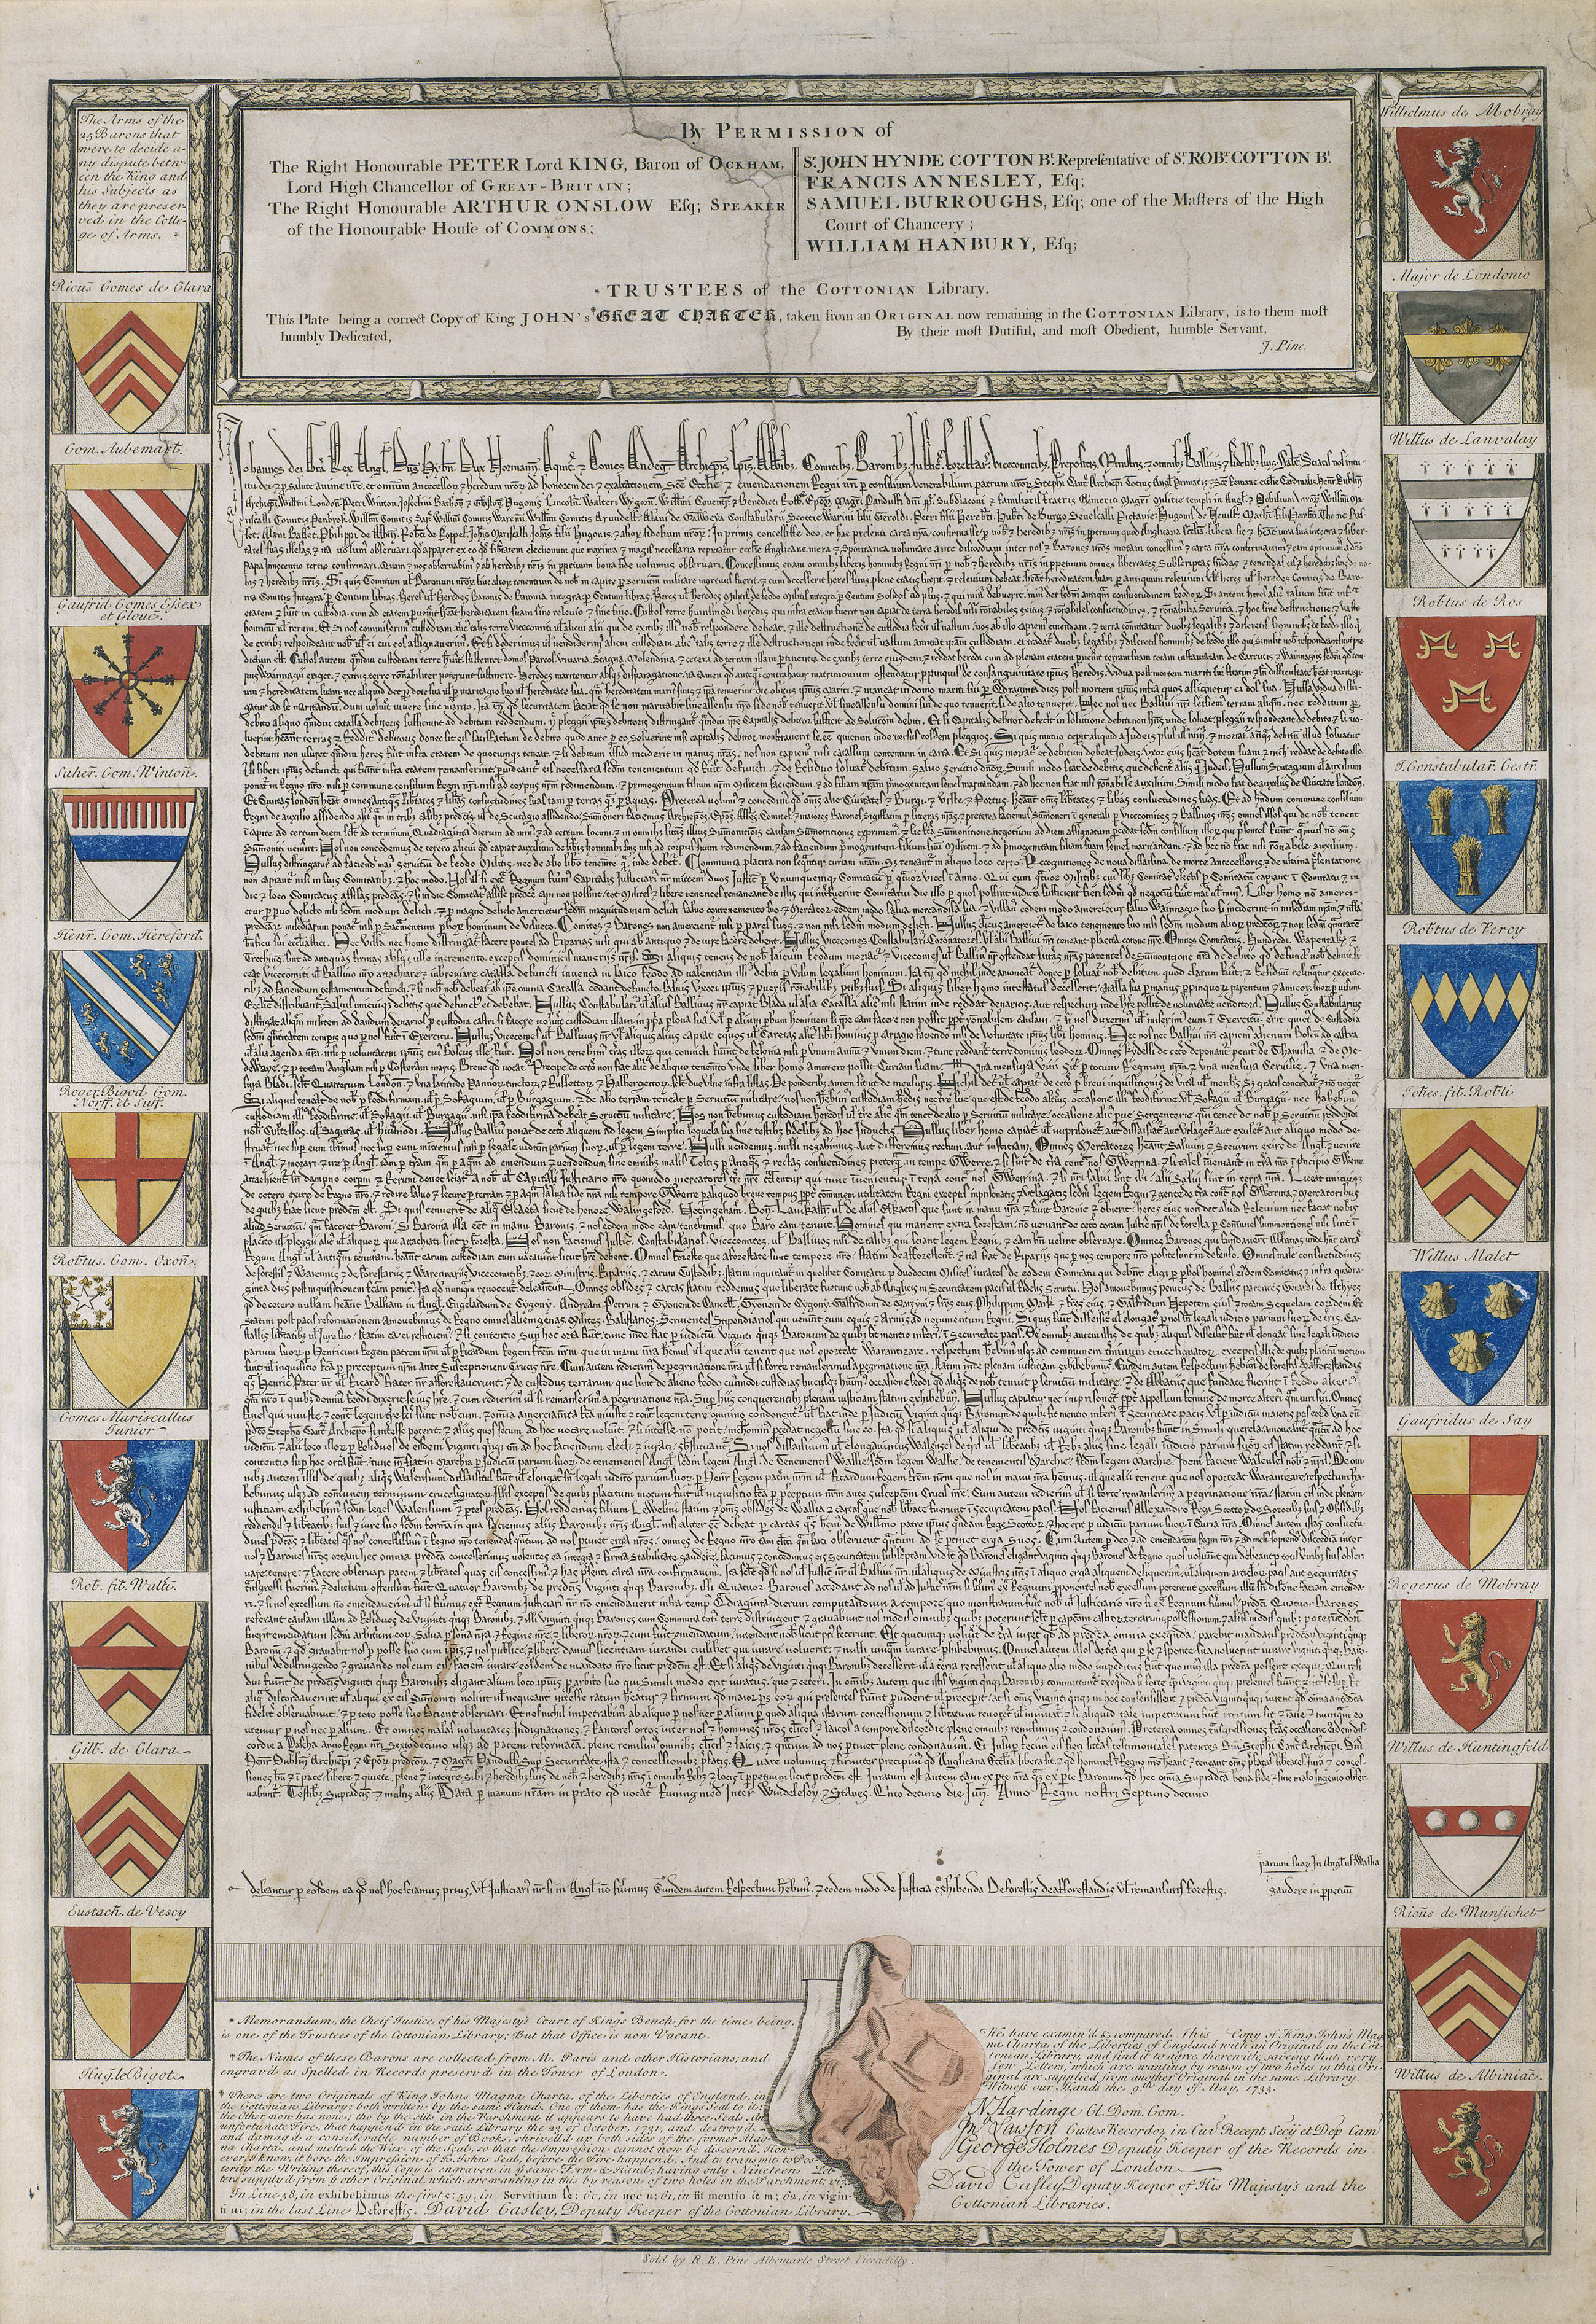 Grabado, con el texto de la Carta Magna, rodeado de los escudos de los firmantes.